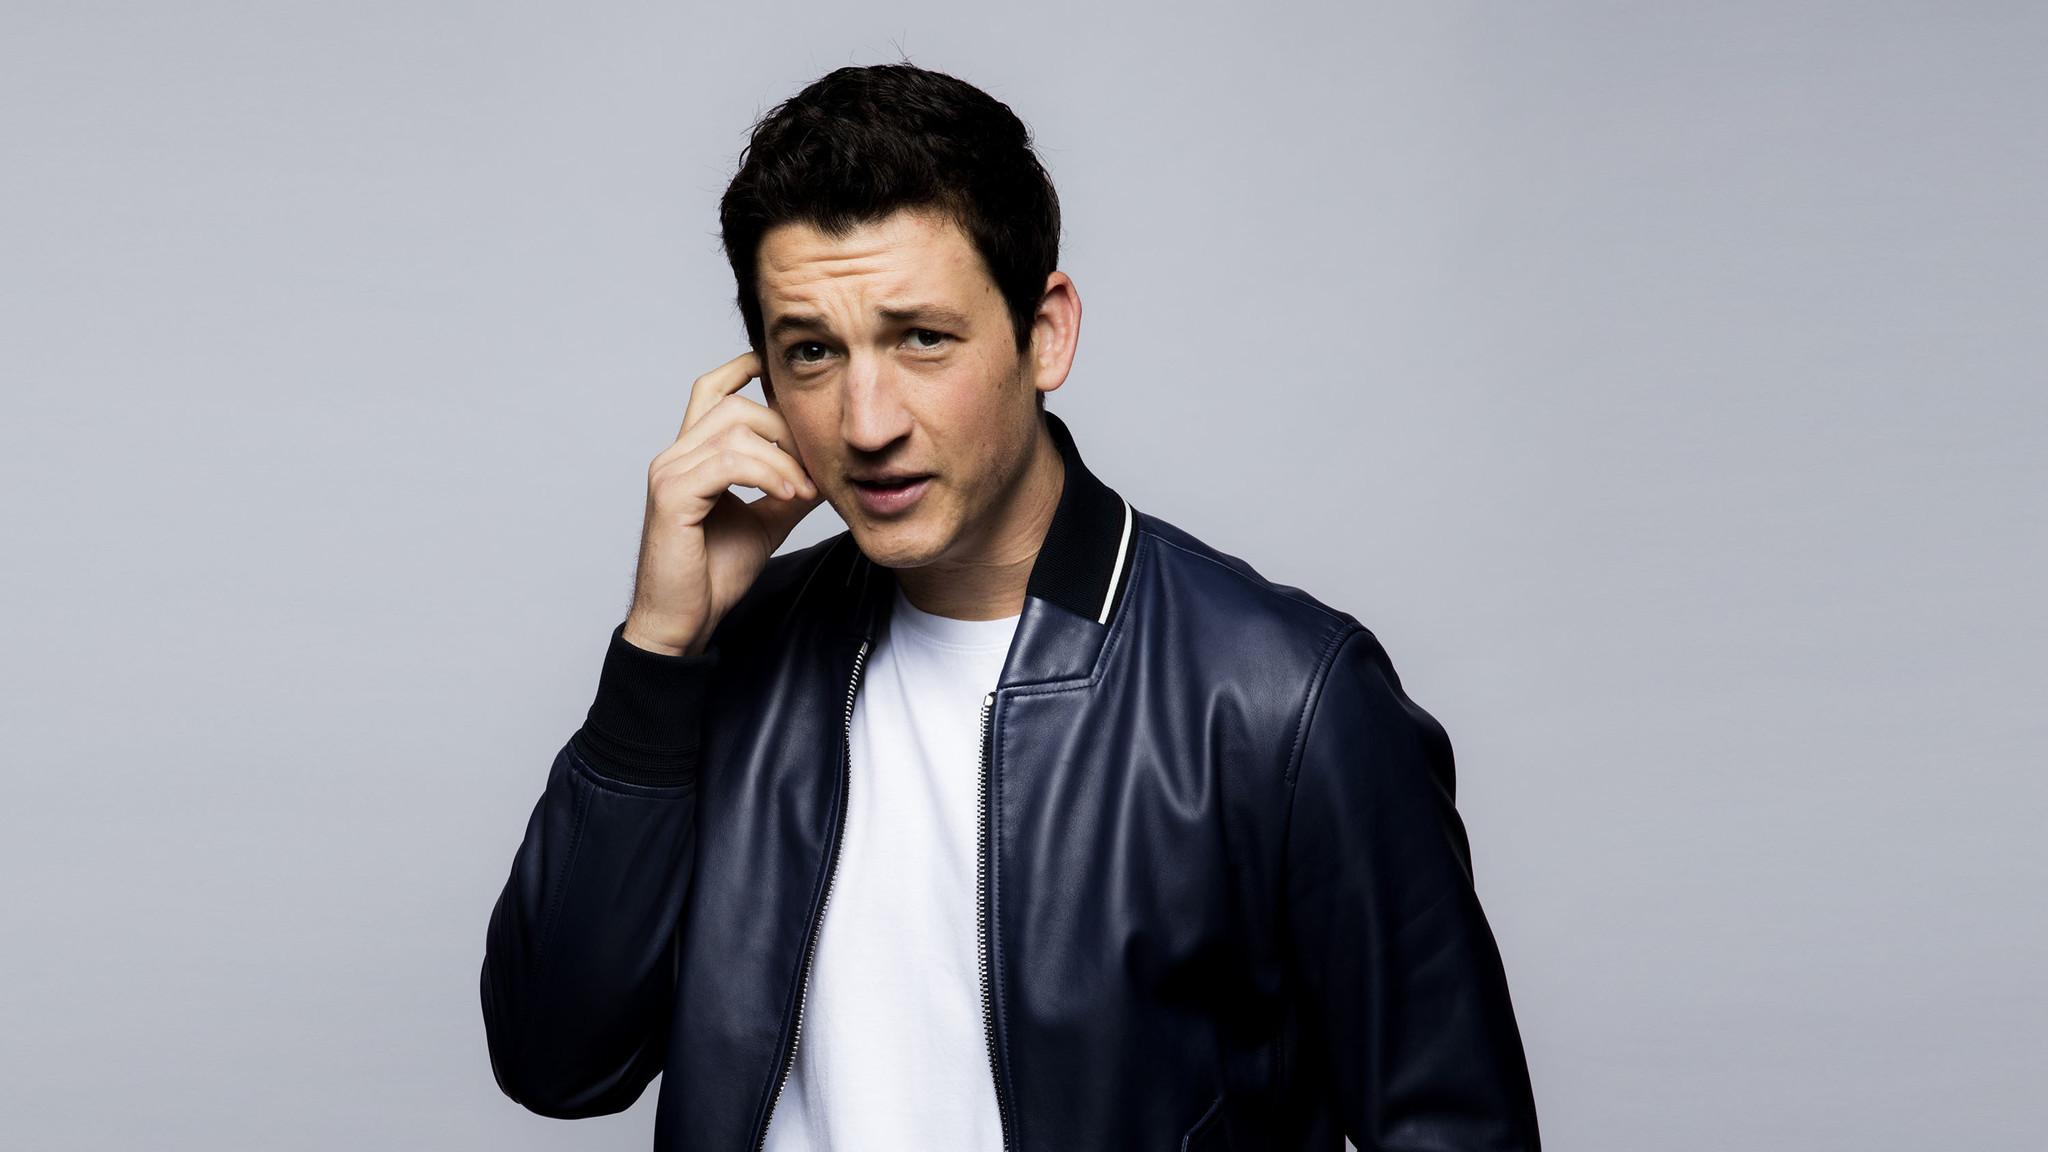 el actor que interpretará a Elvis Presley miles teller